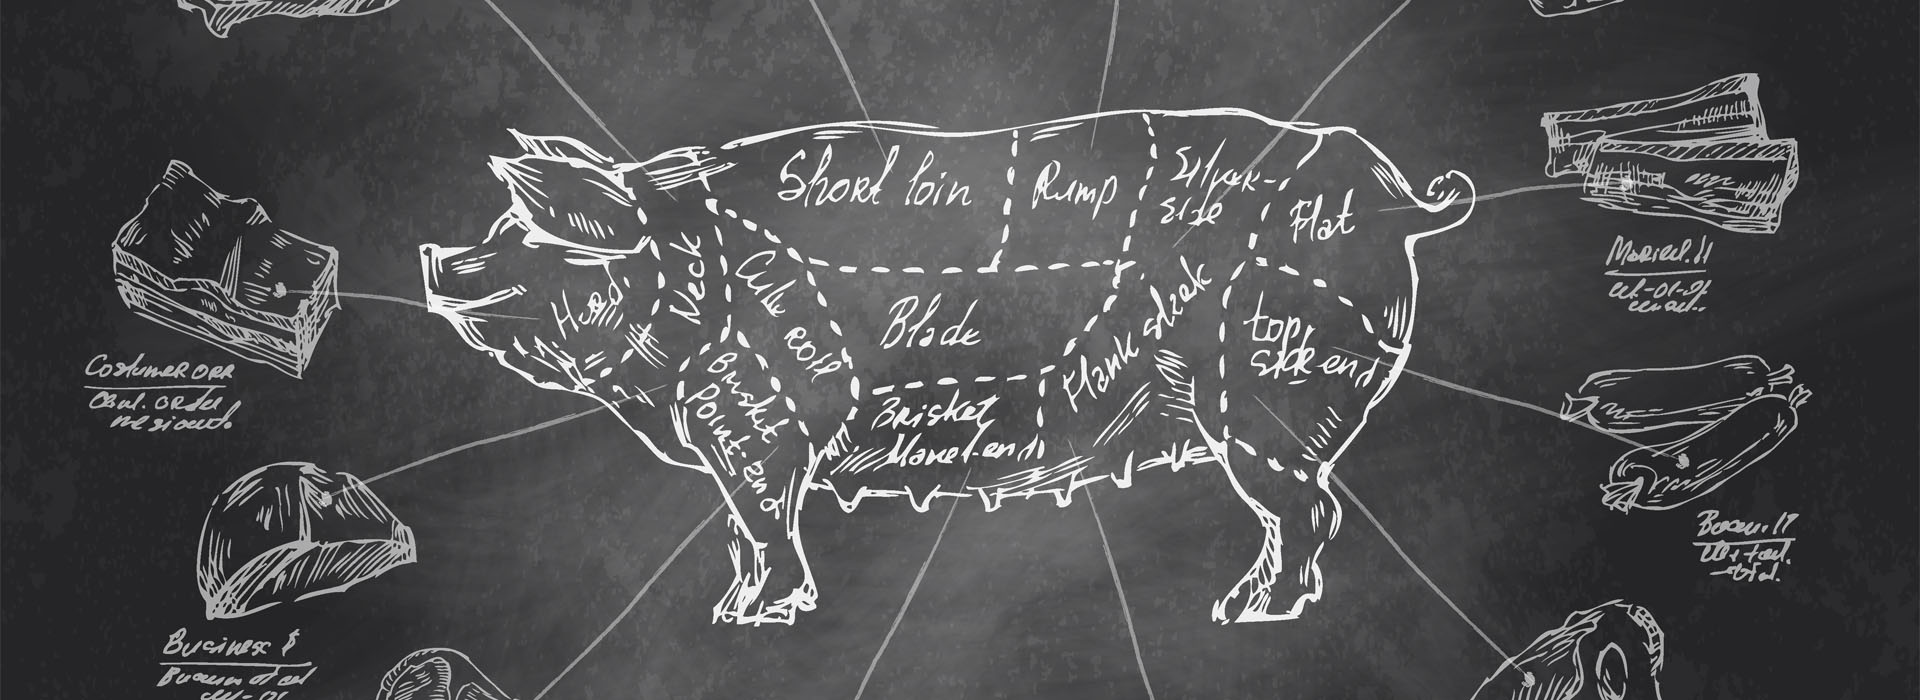 Bravčové mäso, bravčová panenka, bravčové plece, bravčové stehno, bravčová pečeň